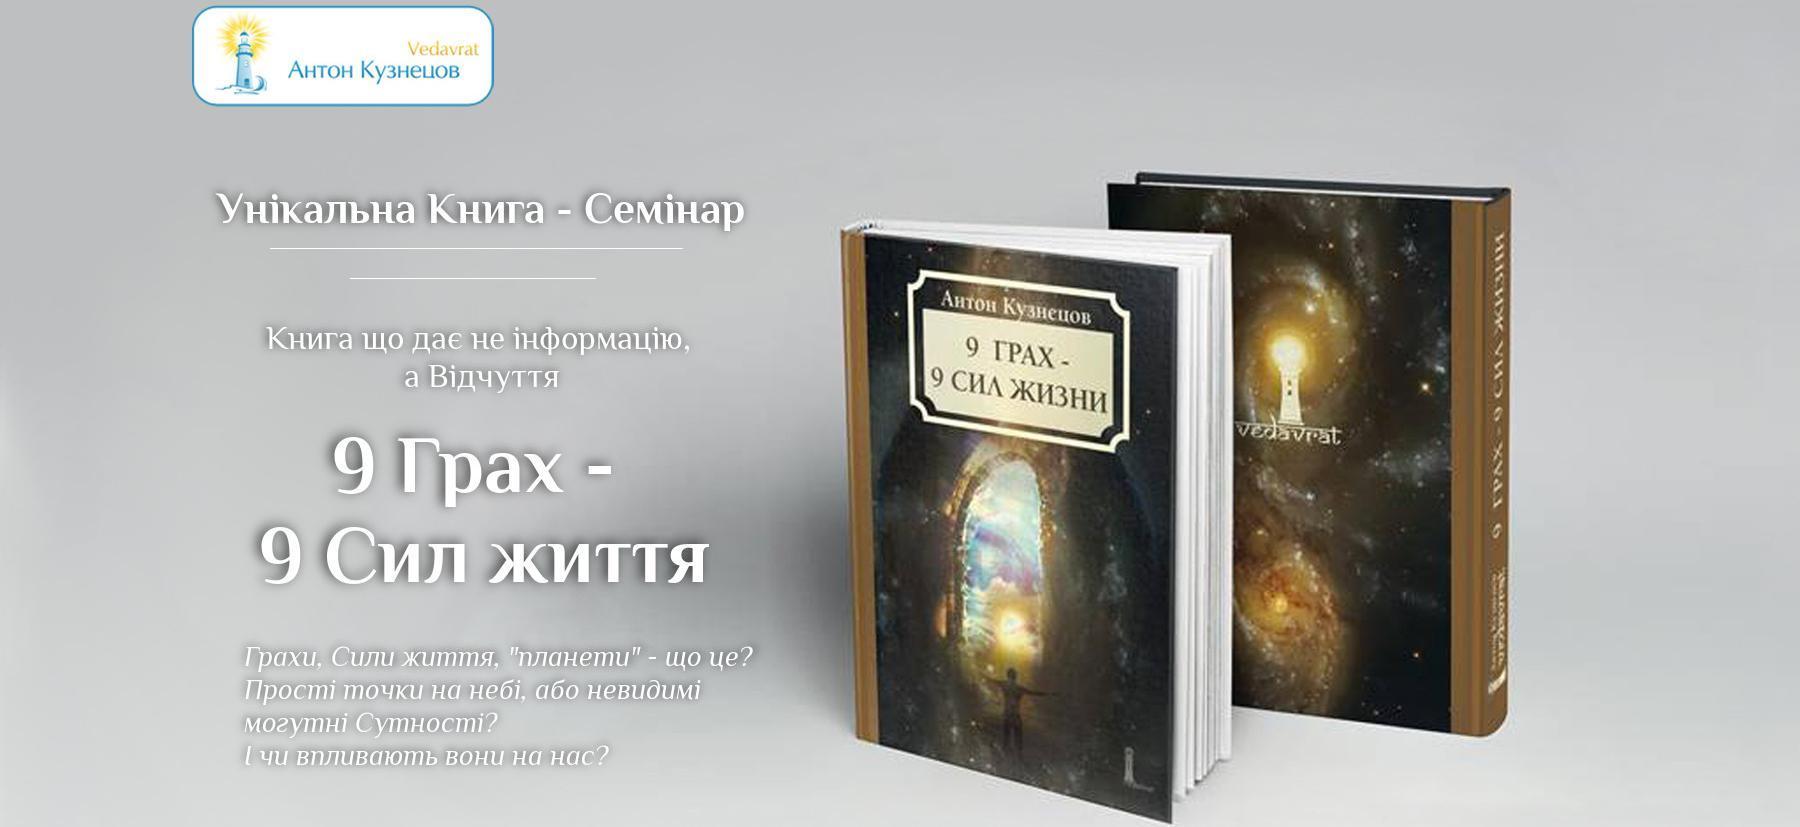 *** Антон Кузнецов унікальна книга-семінар «9 Грах — 9 Сил життя» ***